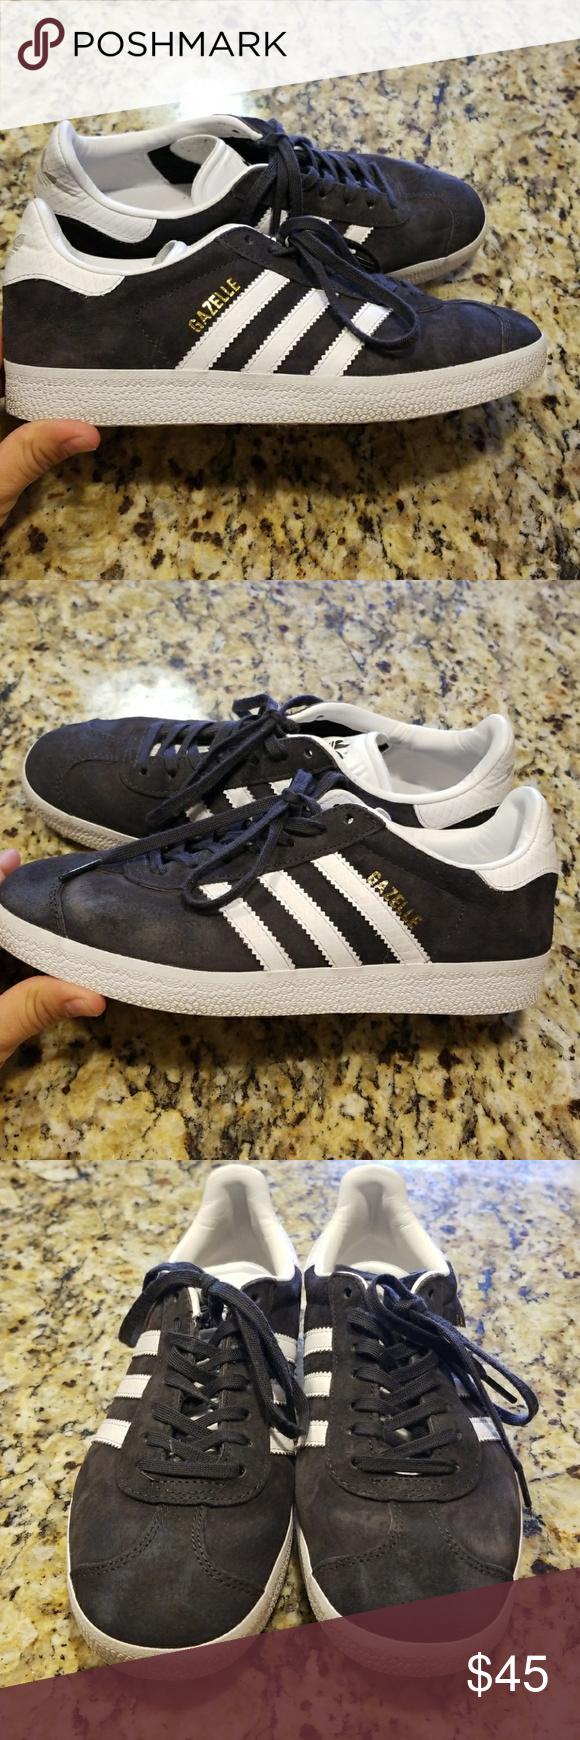 Womens adidas gazelle #by2851 | Adidas women, Adidas gazelle